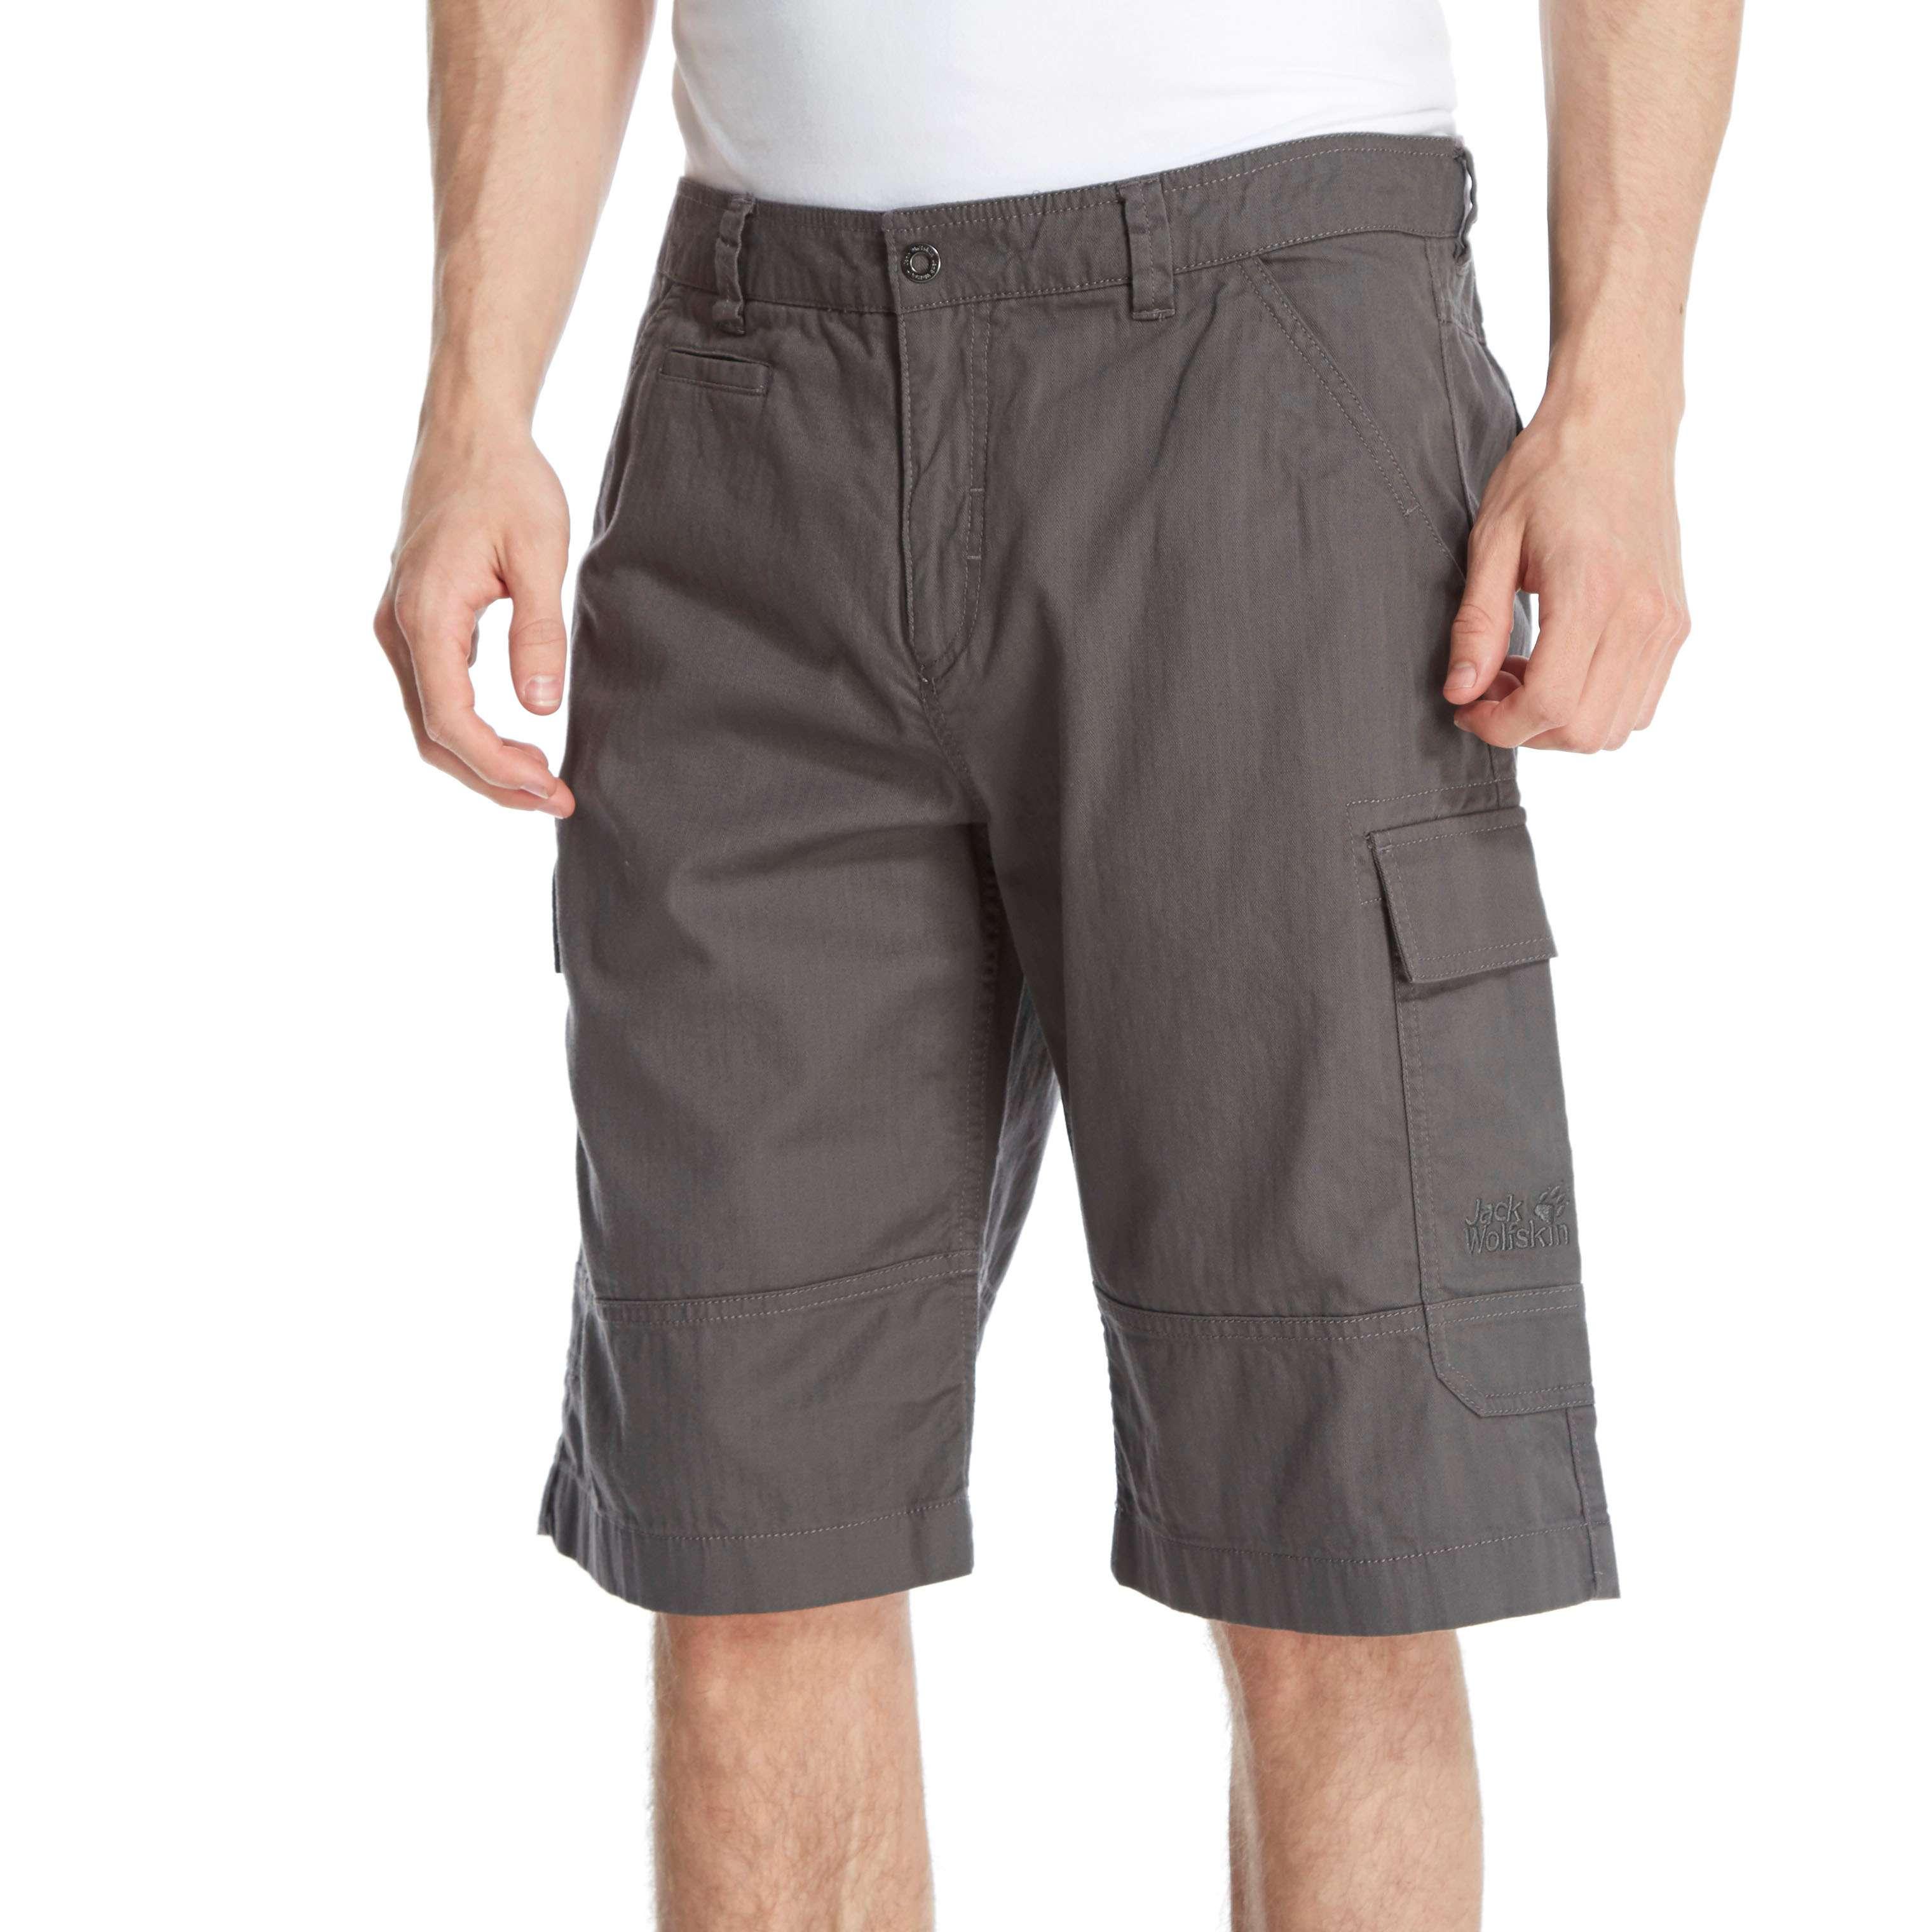 JACK WOLFSKIN Men's Cargo Shorts